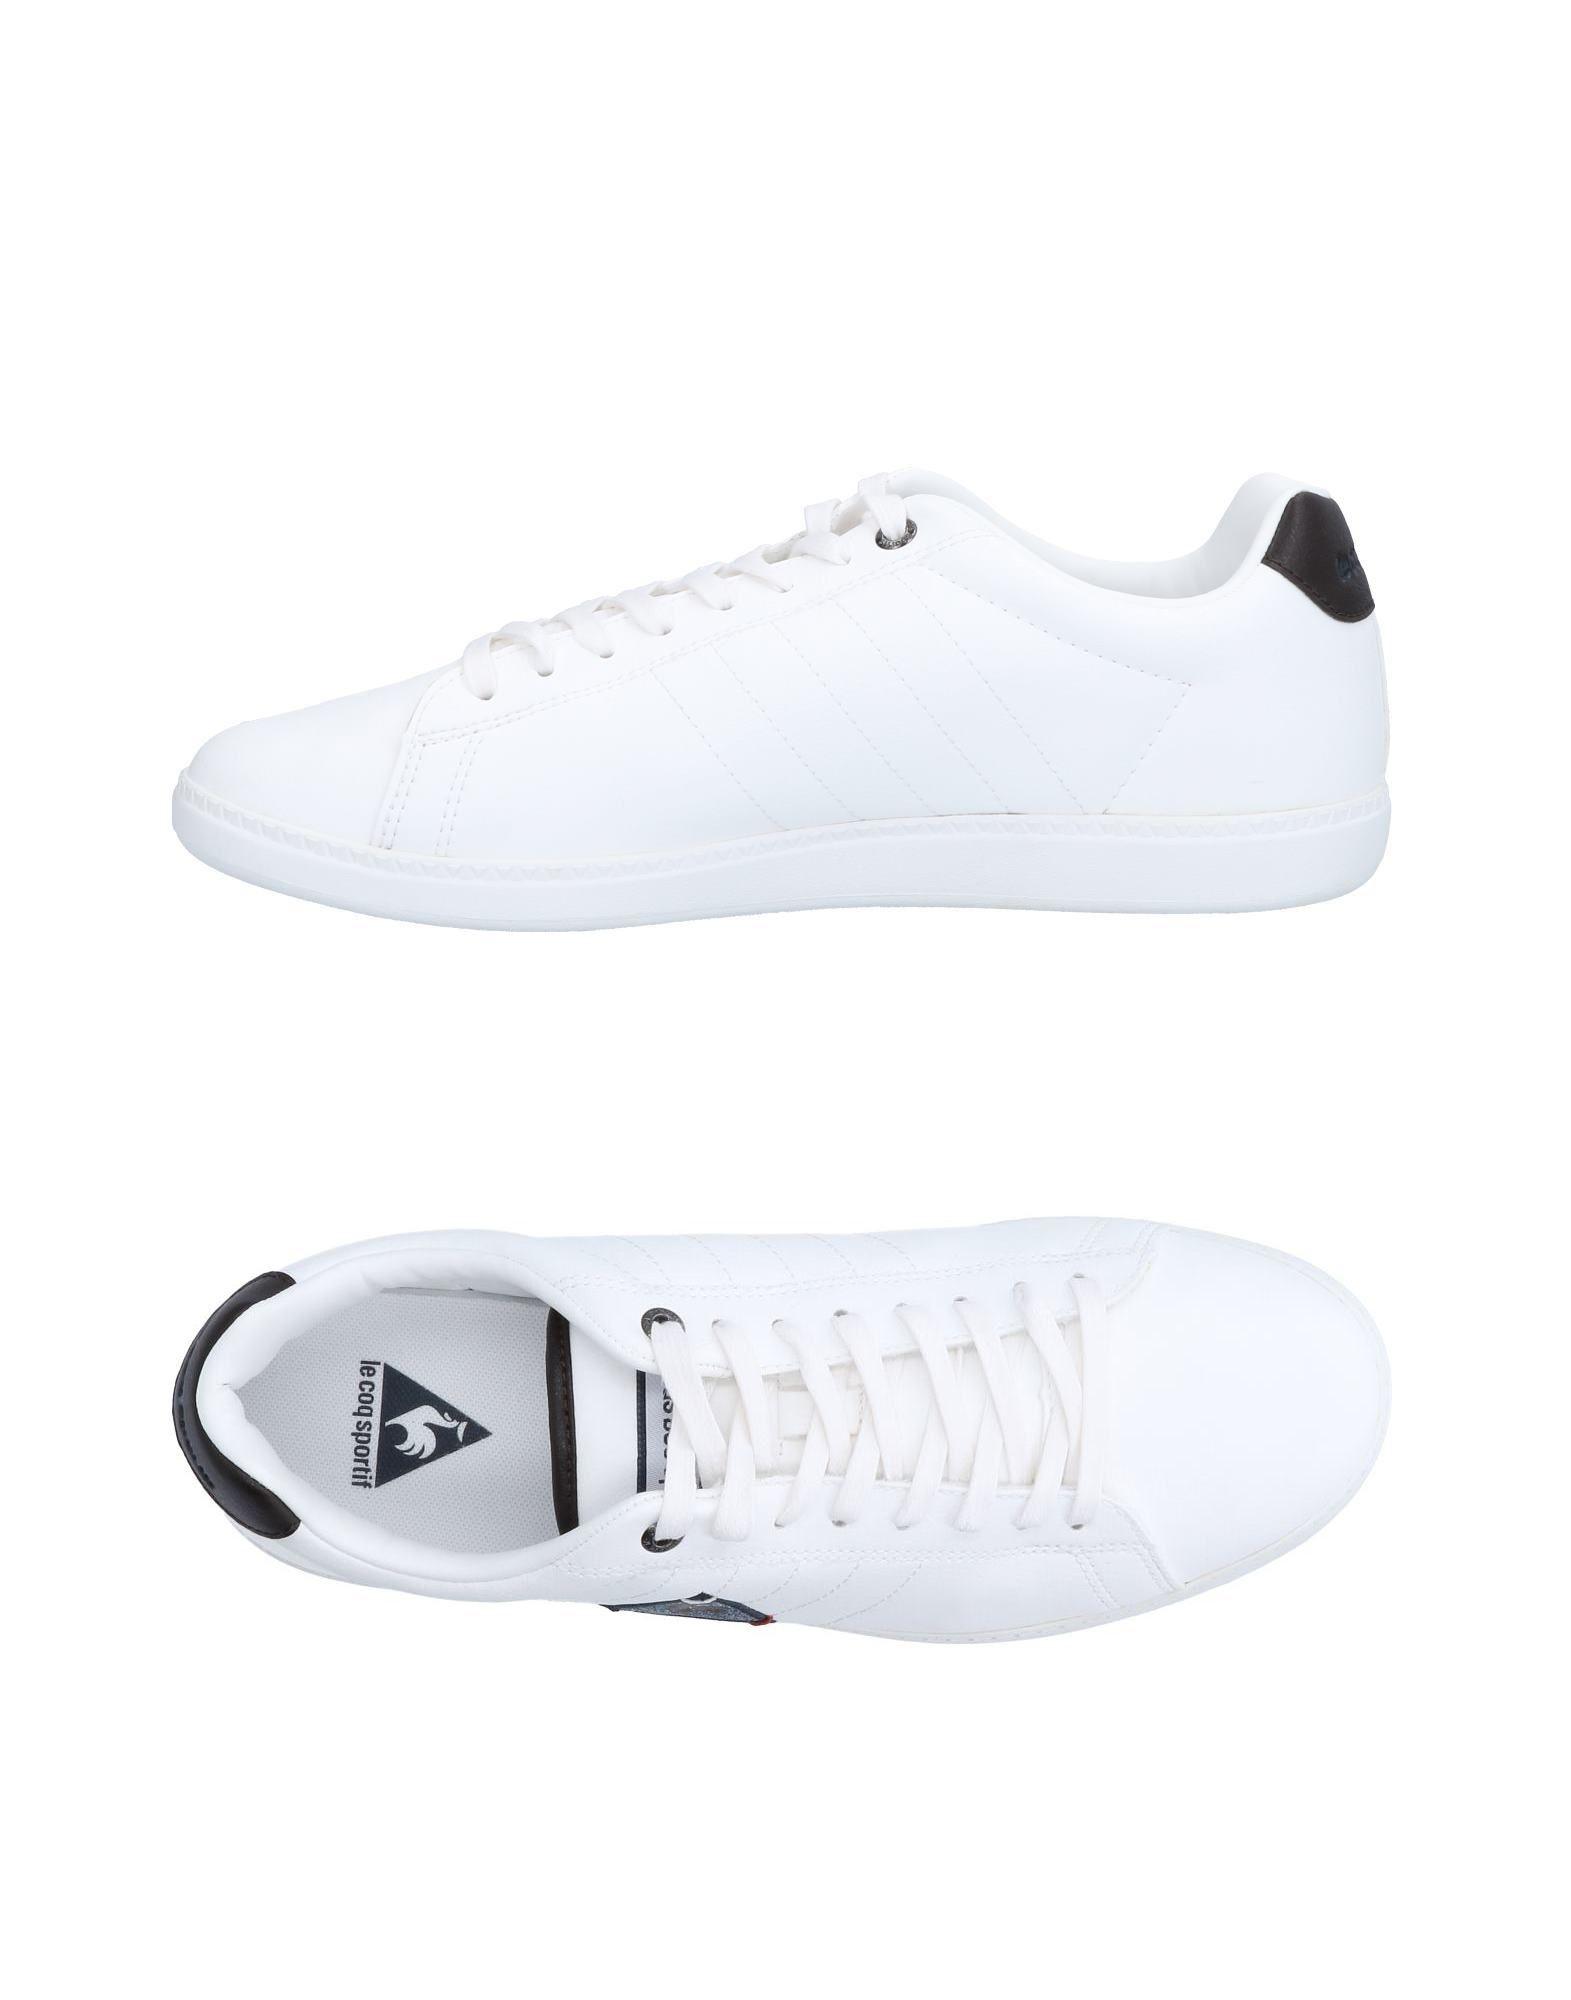 Rabatt echte Schuhe Le Coq Sportif Sneakers Herren  11497444FE